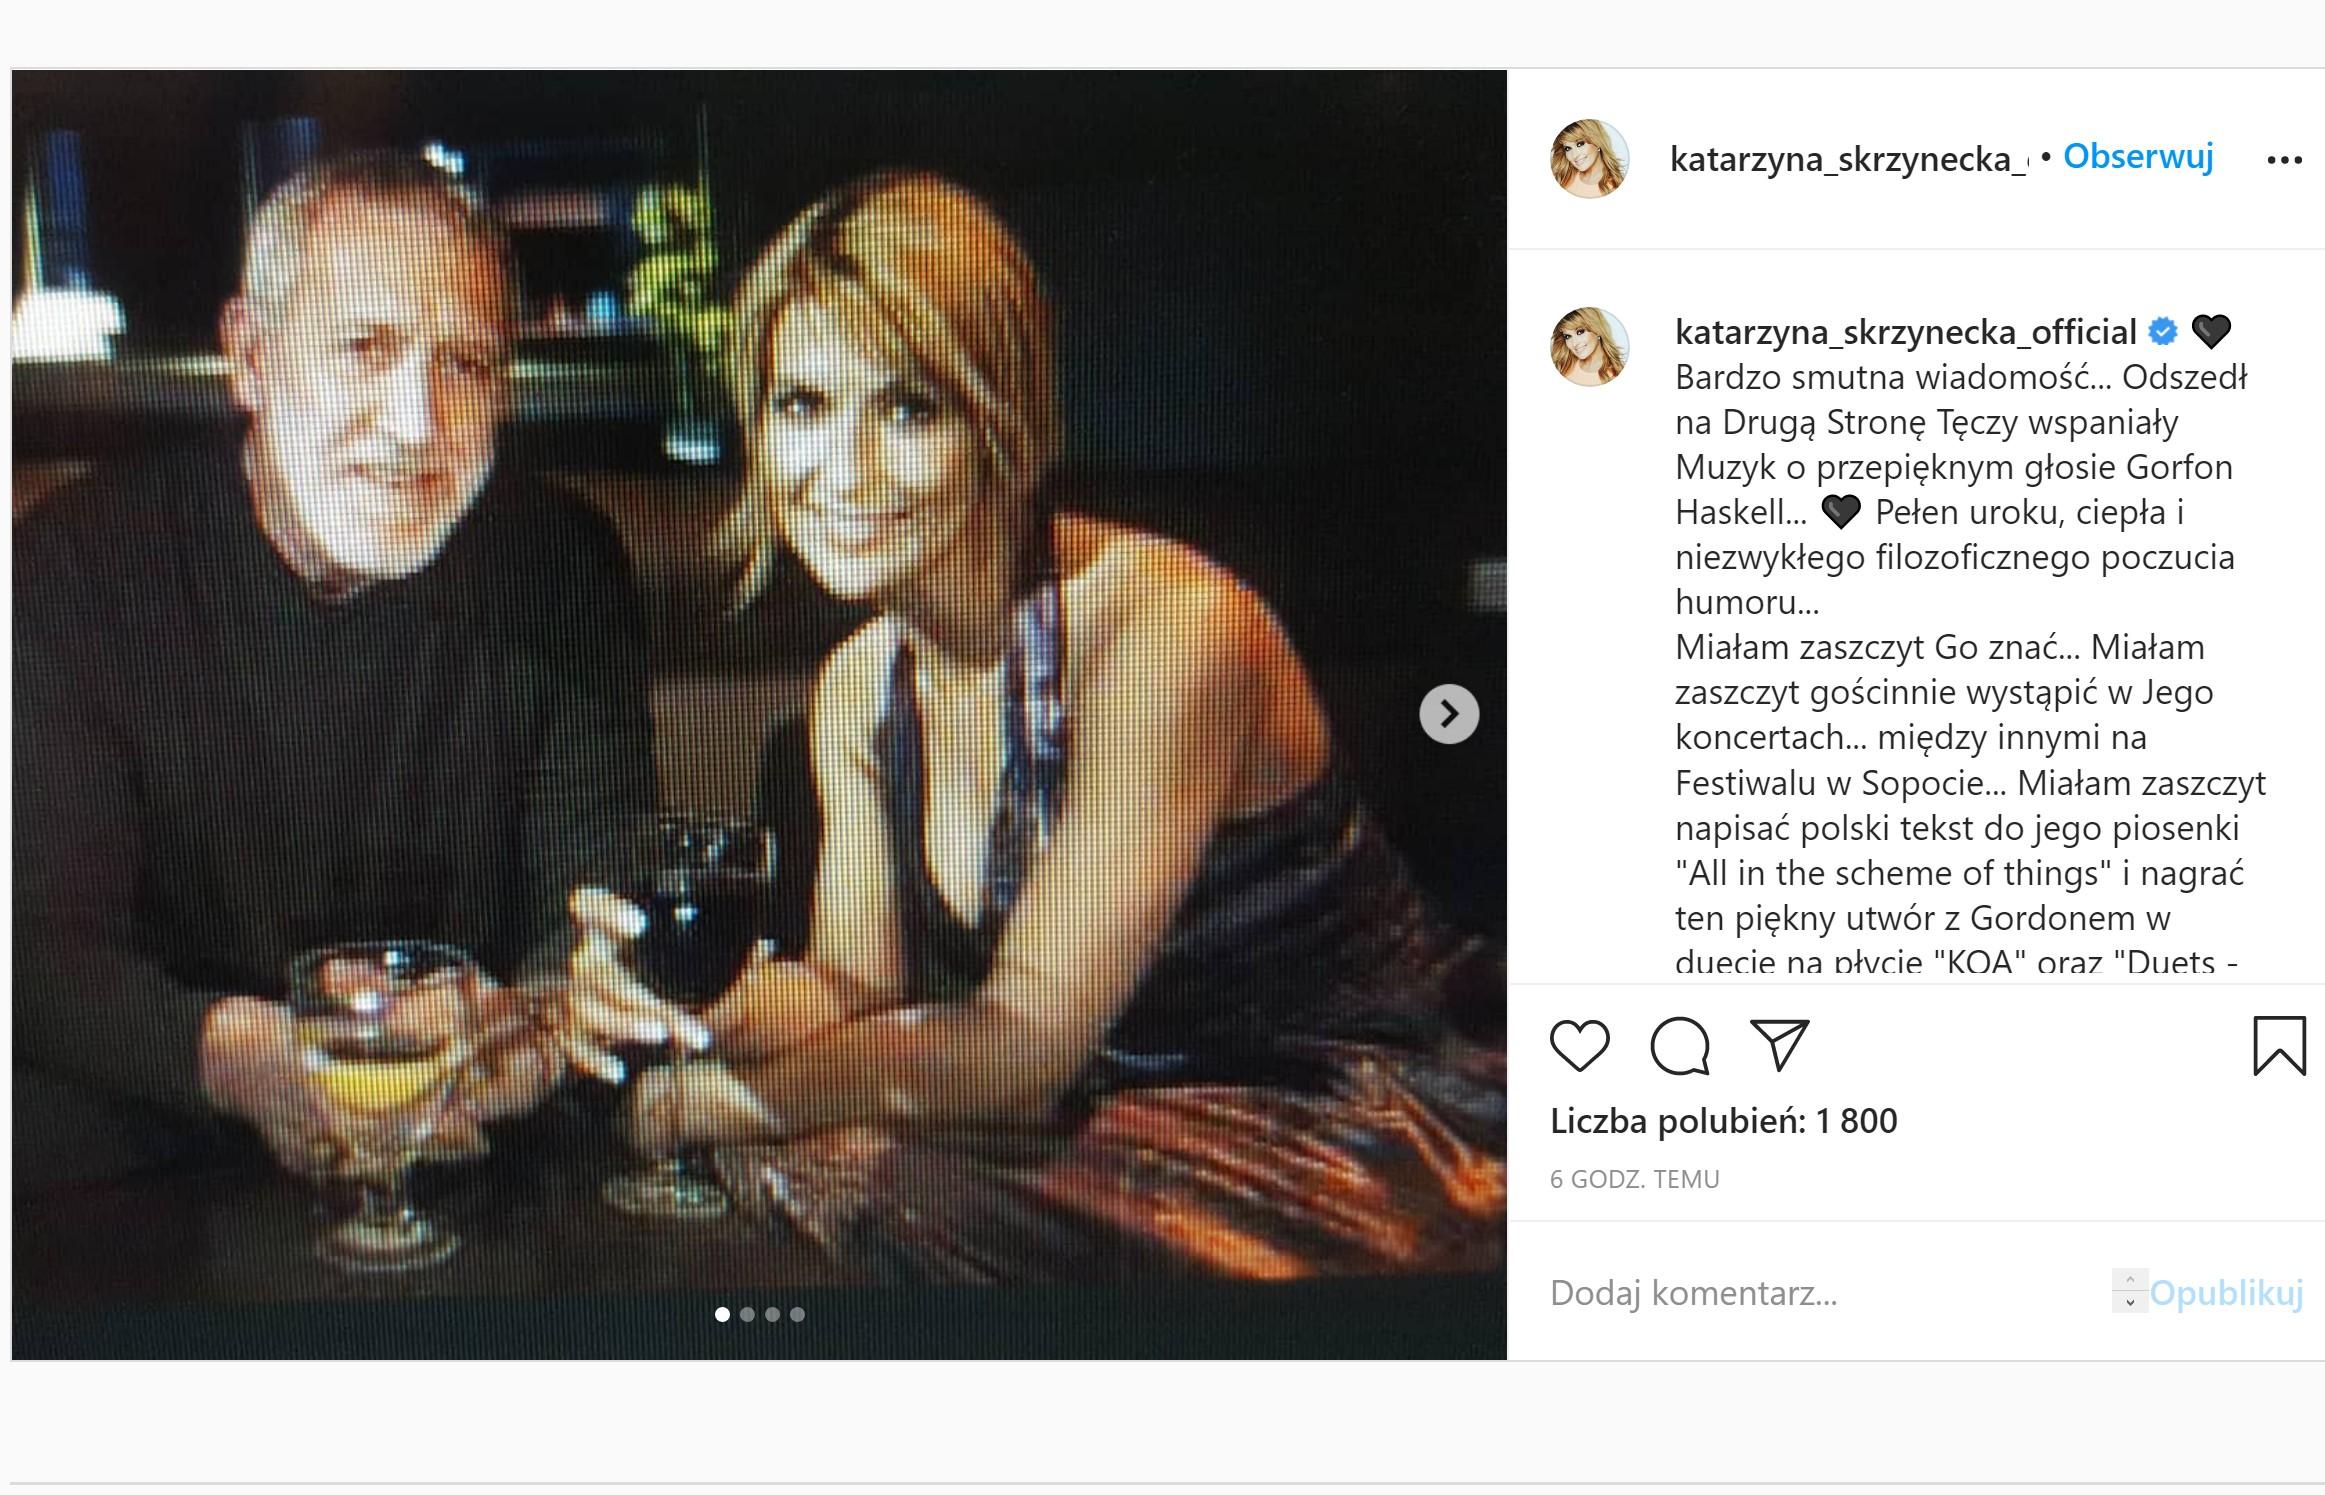 Katarzyna Skrzynecka żałoba